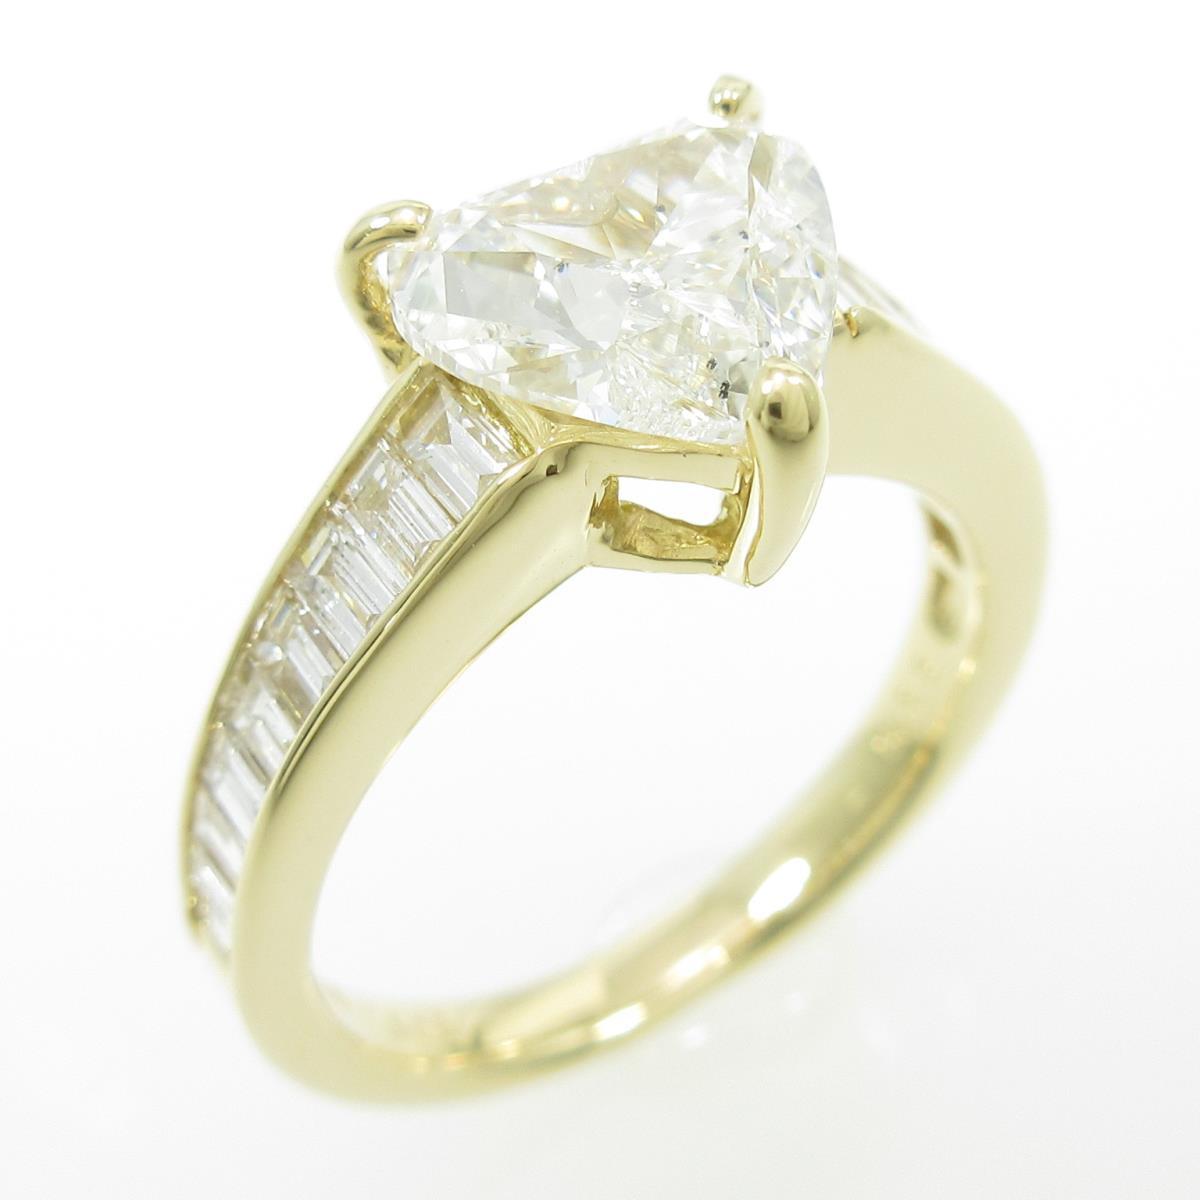 【リメイク】K18YG ハート ダイヤモンドリング 1.508ct・H・SI1・ハートシェイプ【中古】